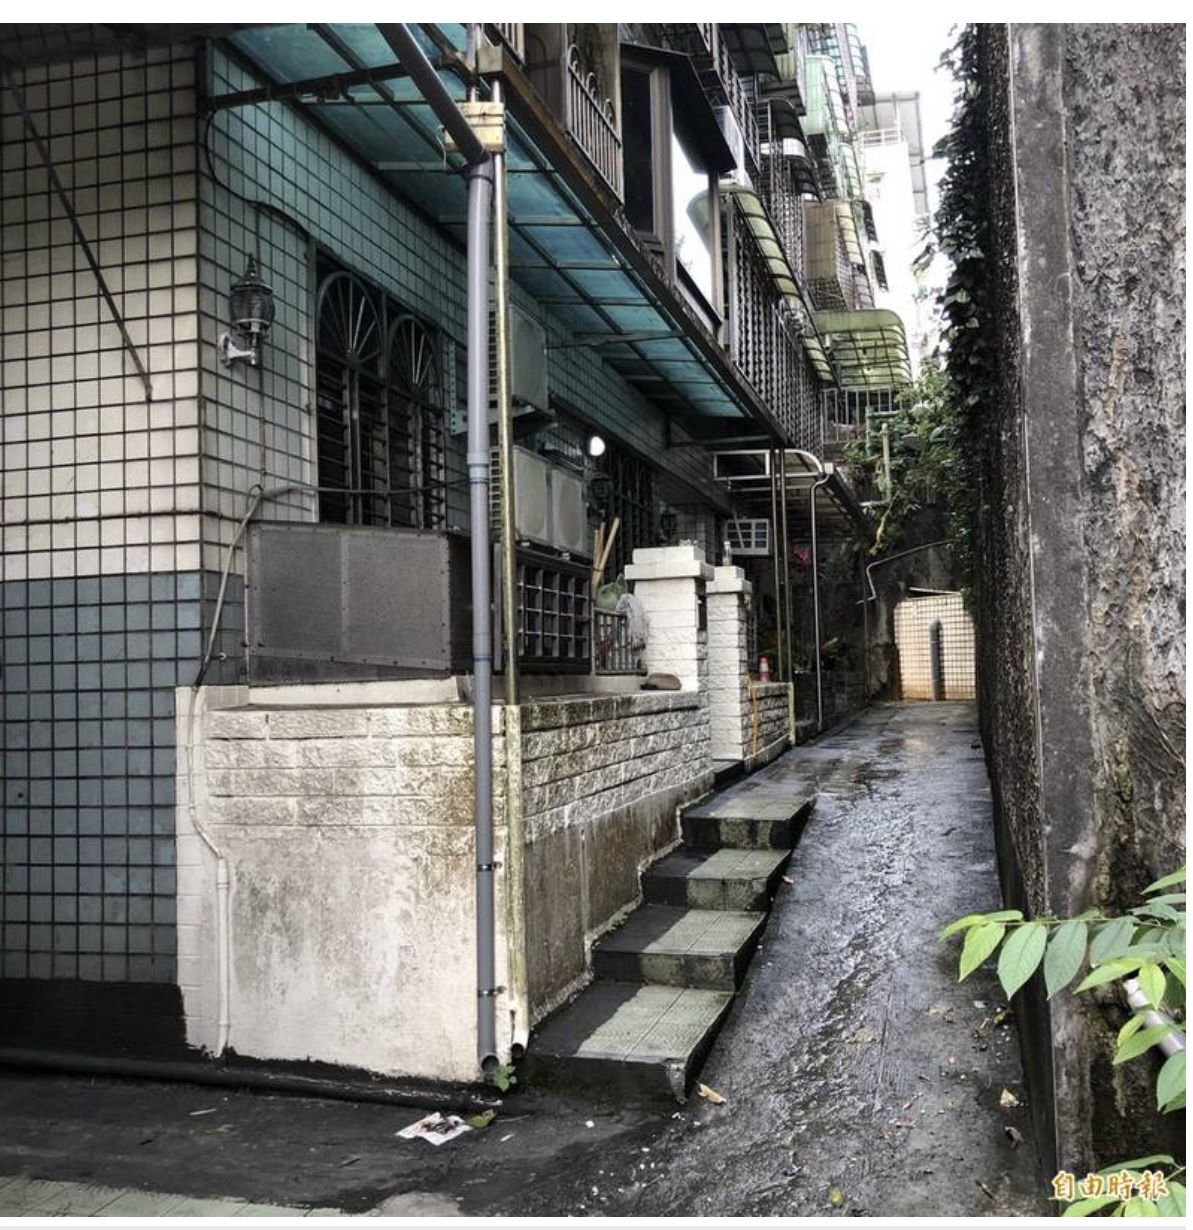 台湾女子忘了带钥匙 试图爬窗入屋不幸坠死